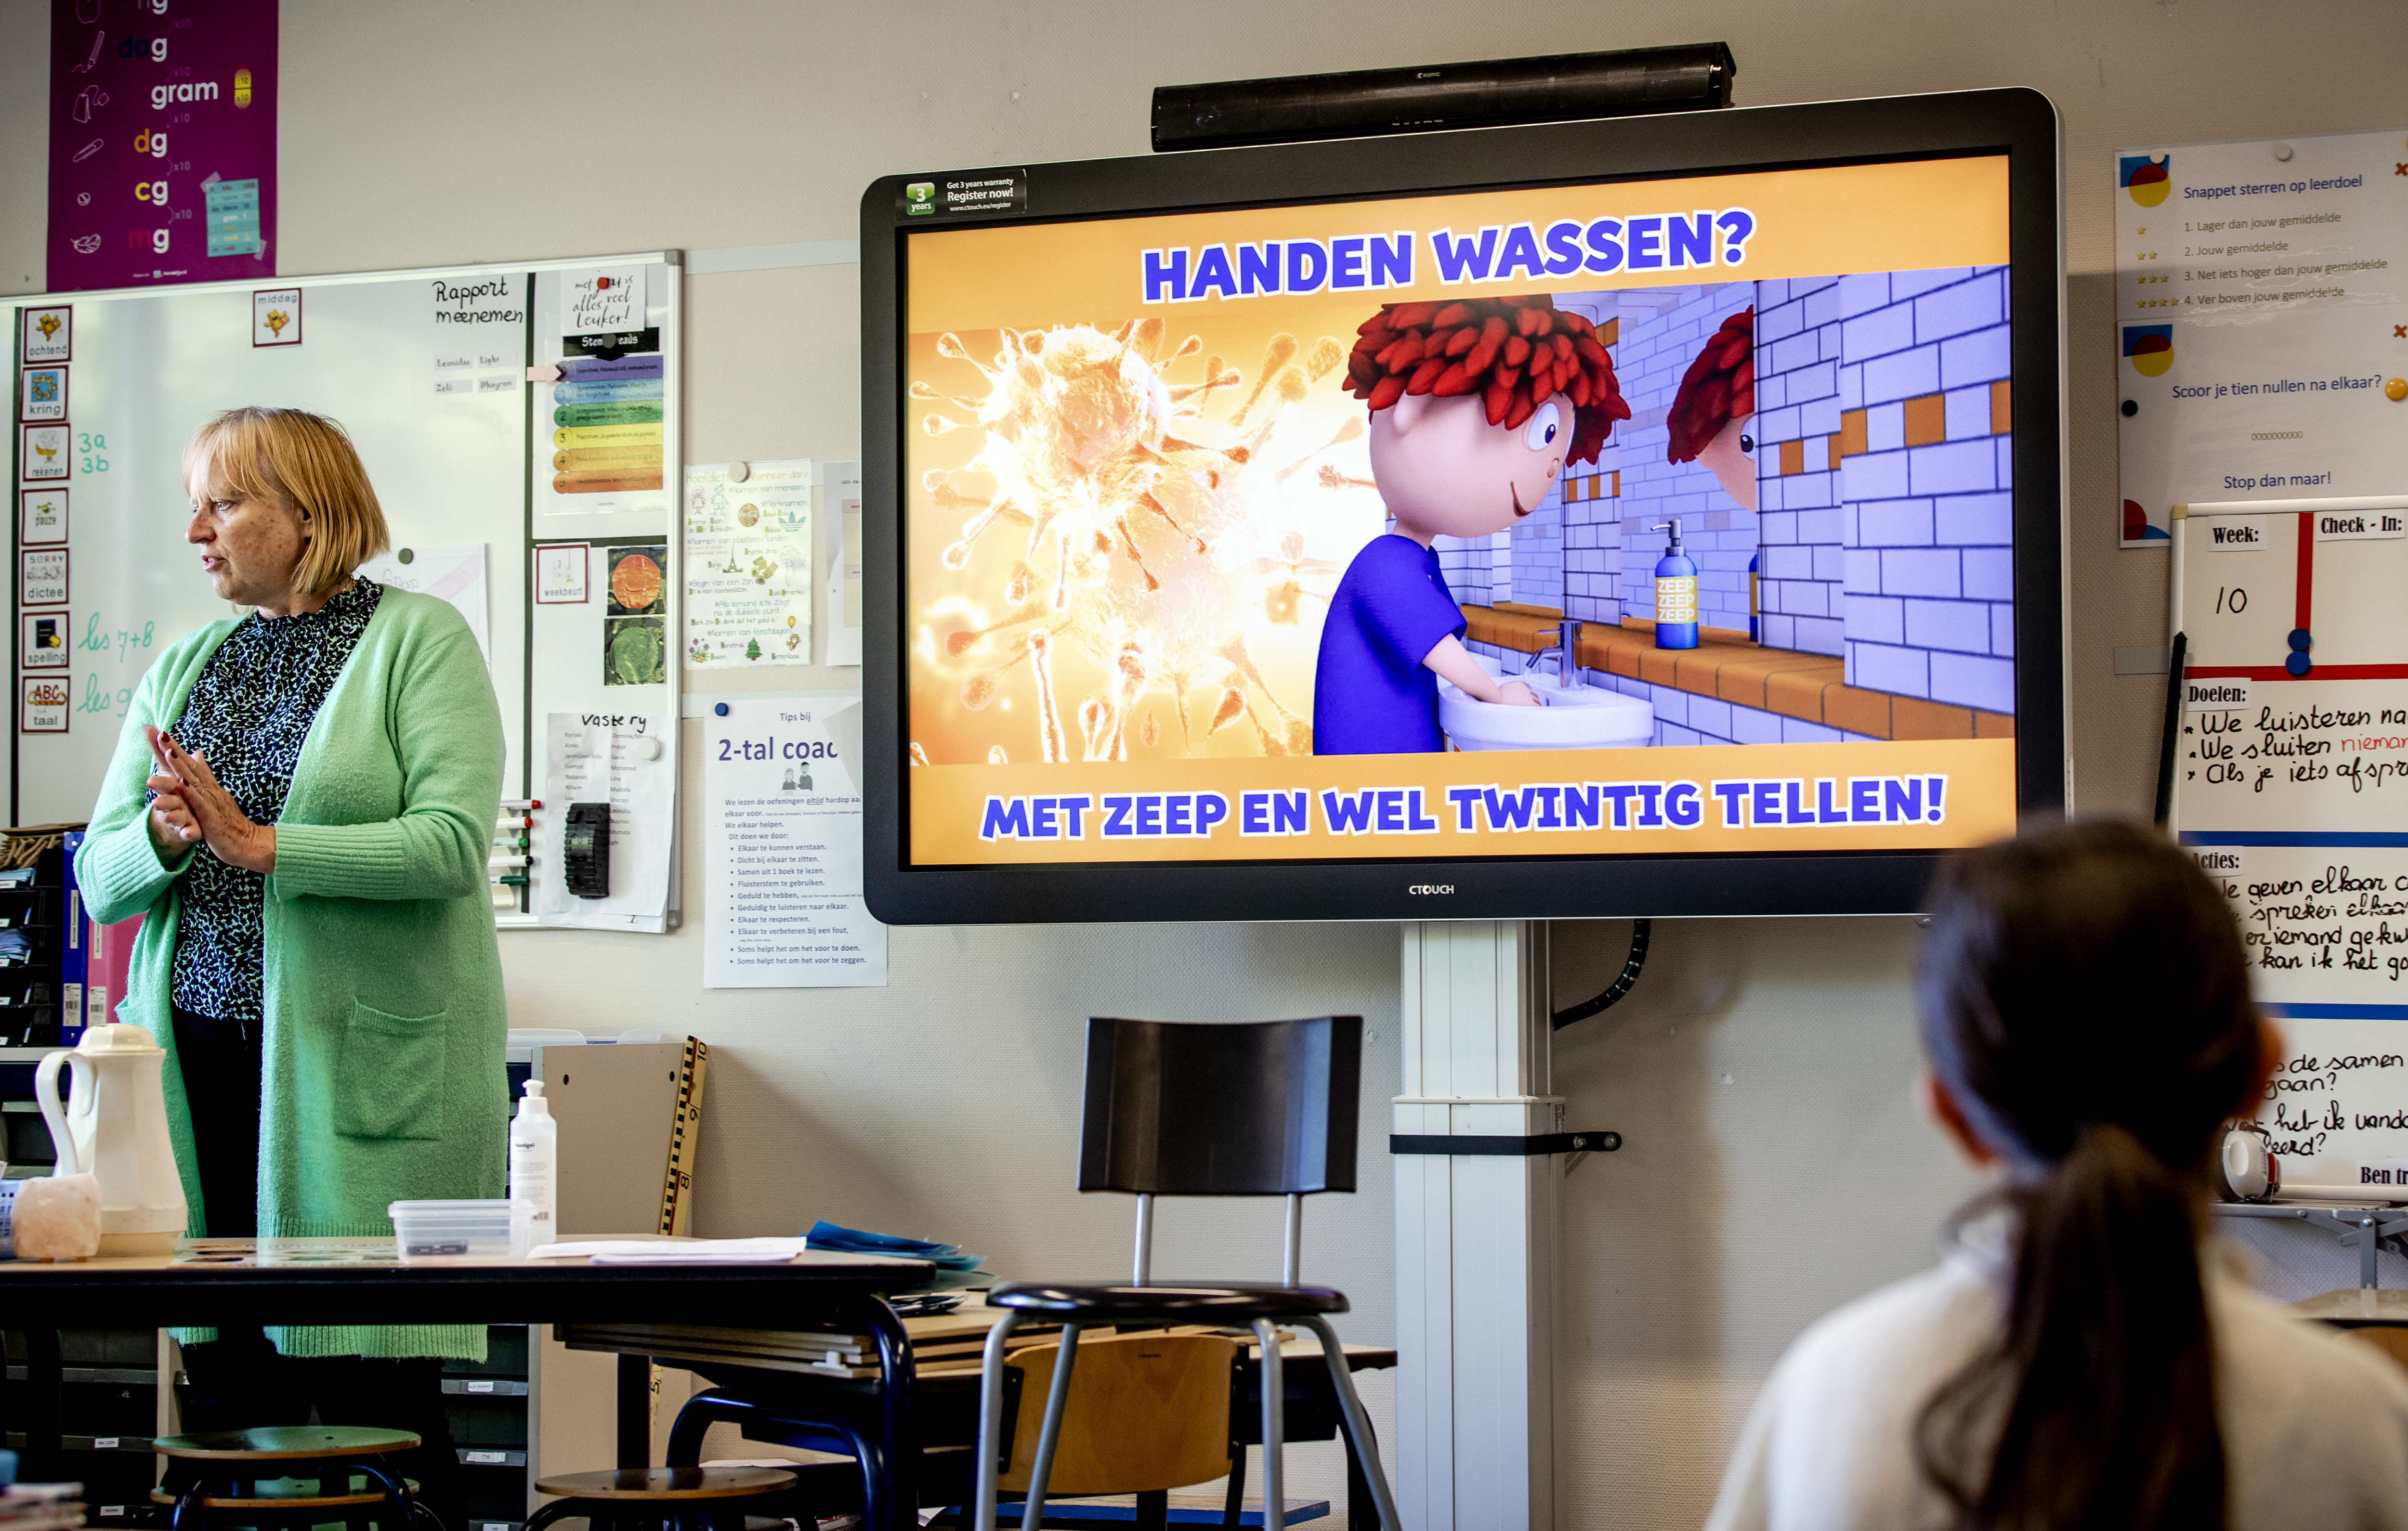 Een foto van een schoolklas die informatie over handen wassen krijgt